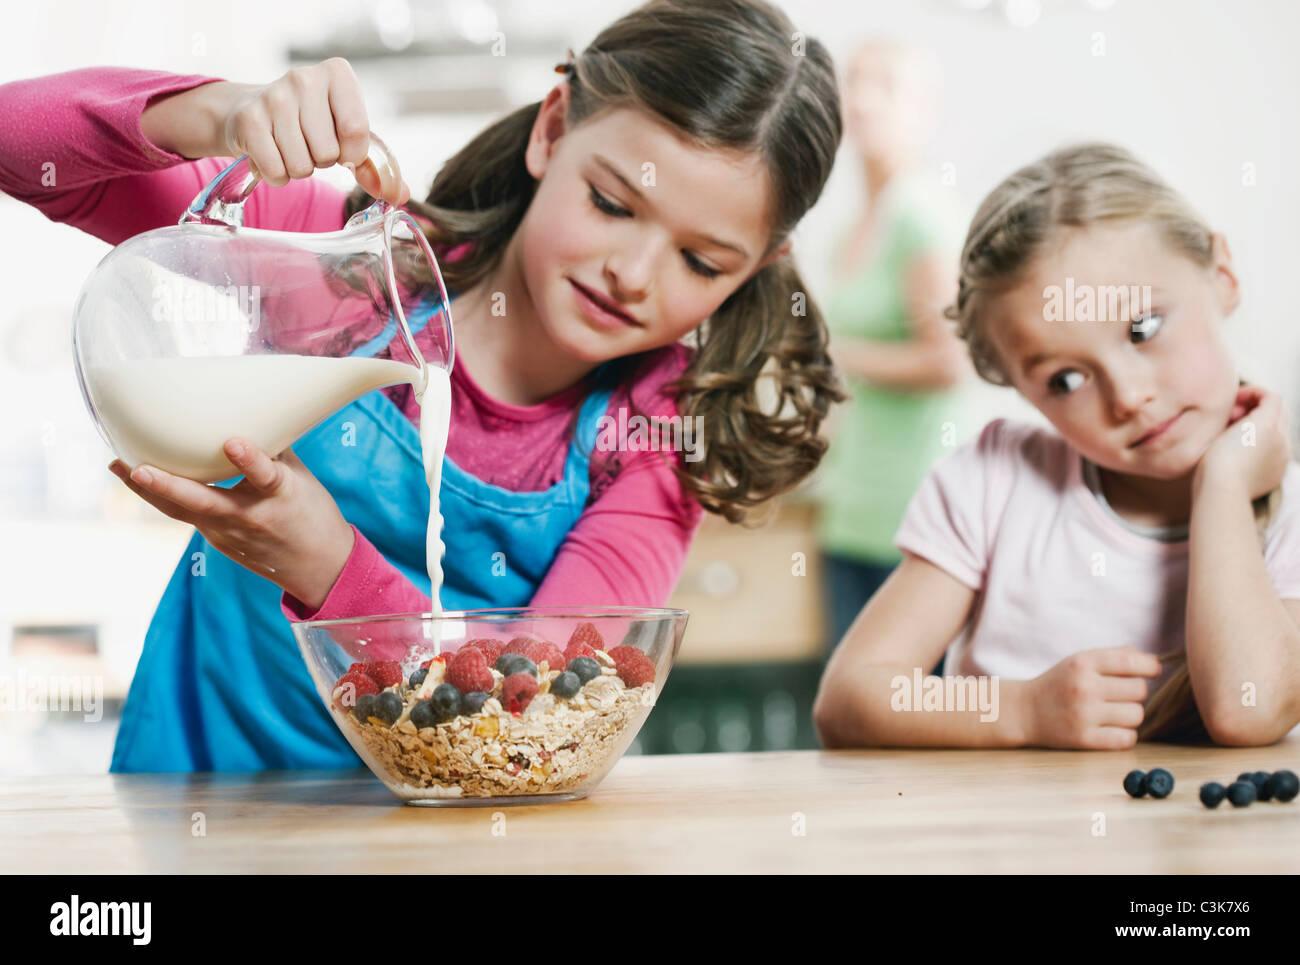 Germania, Colonia, bambini prepara la colazione in cucina Immagini Stock